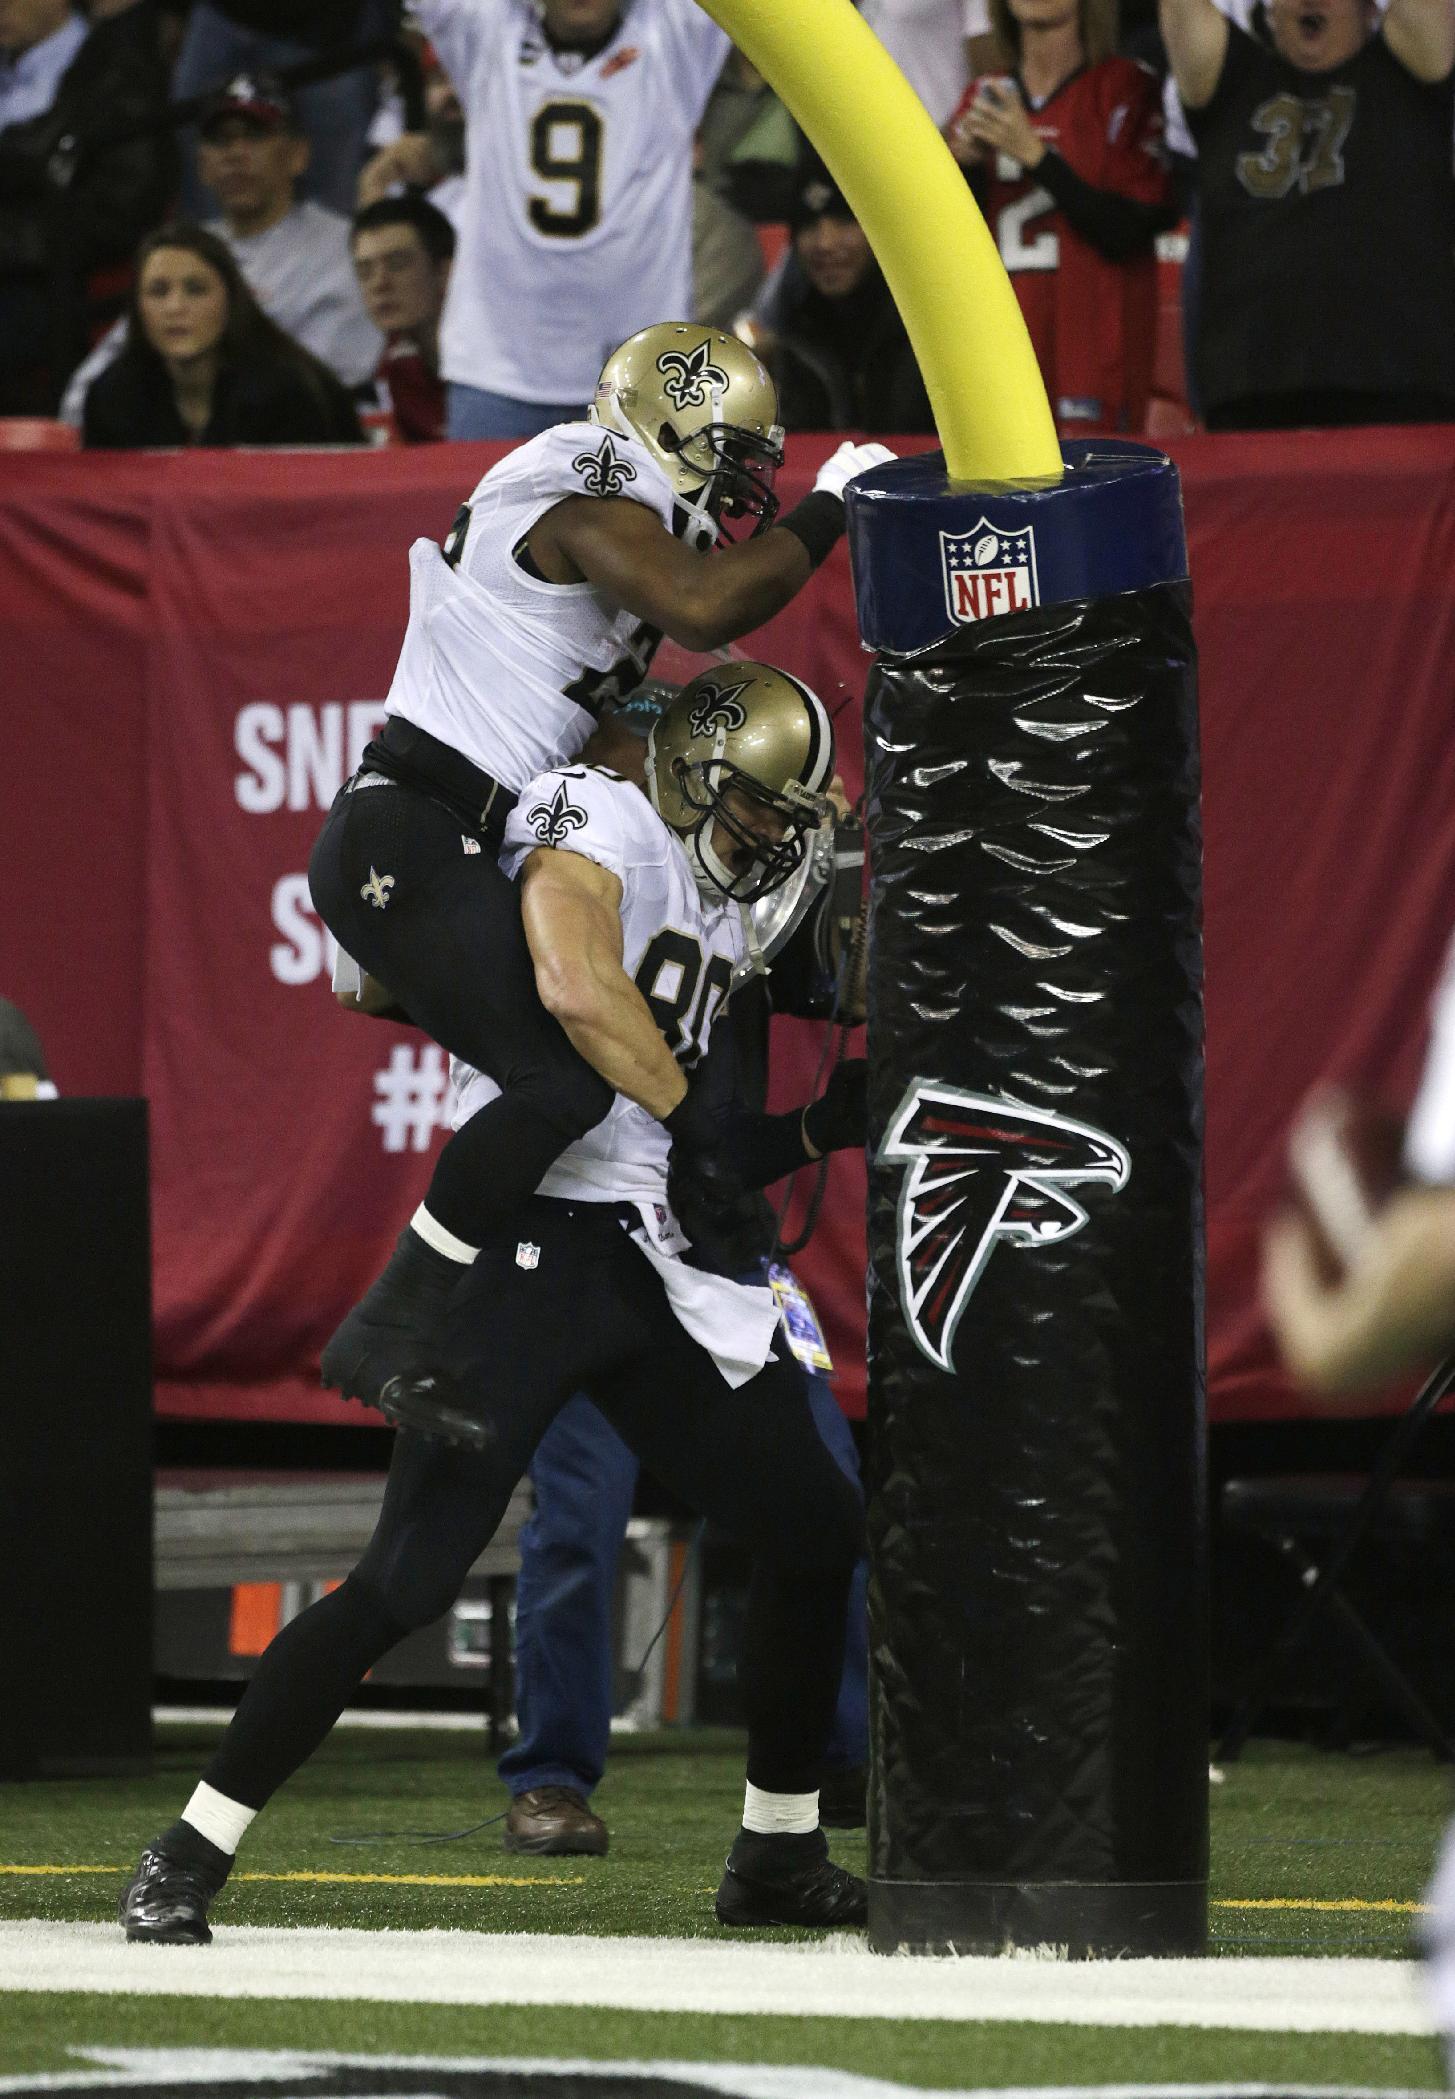 Defense leads Saints past Falcons, 17-13